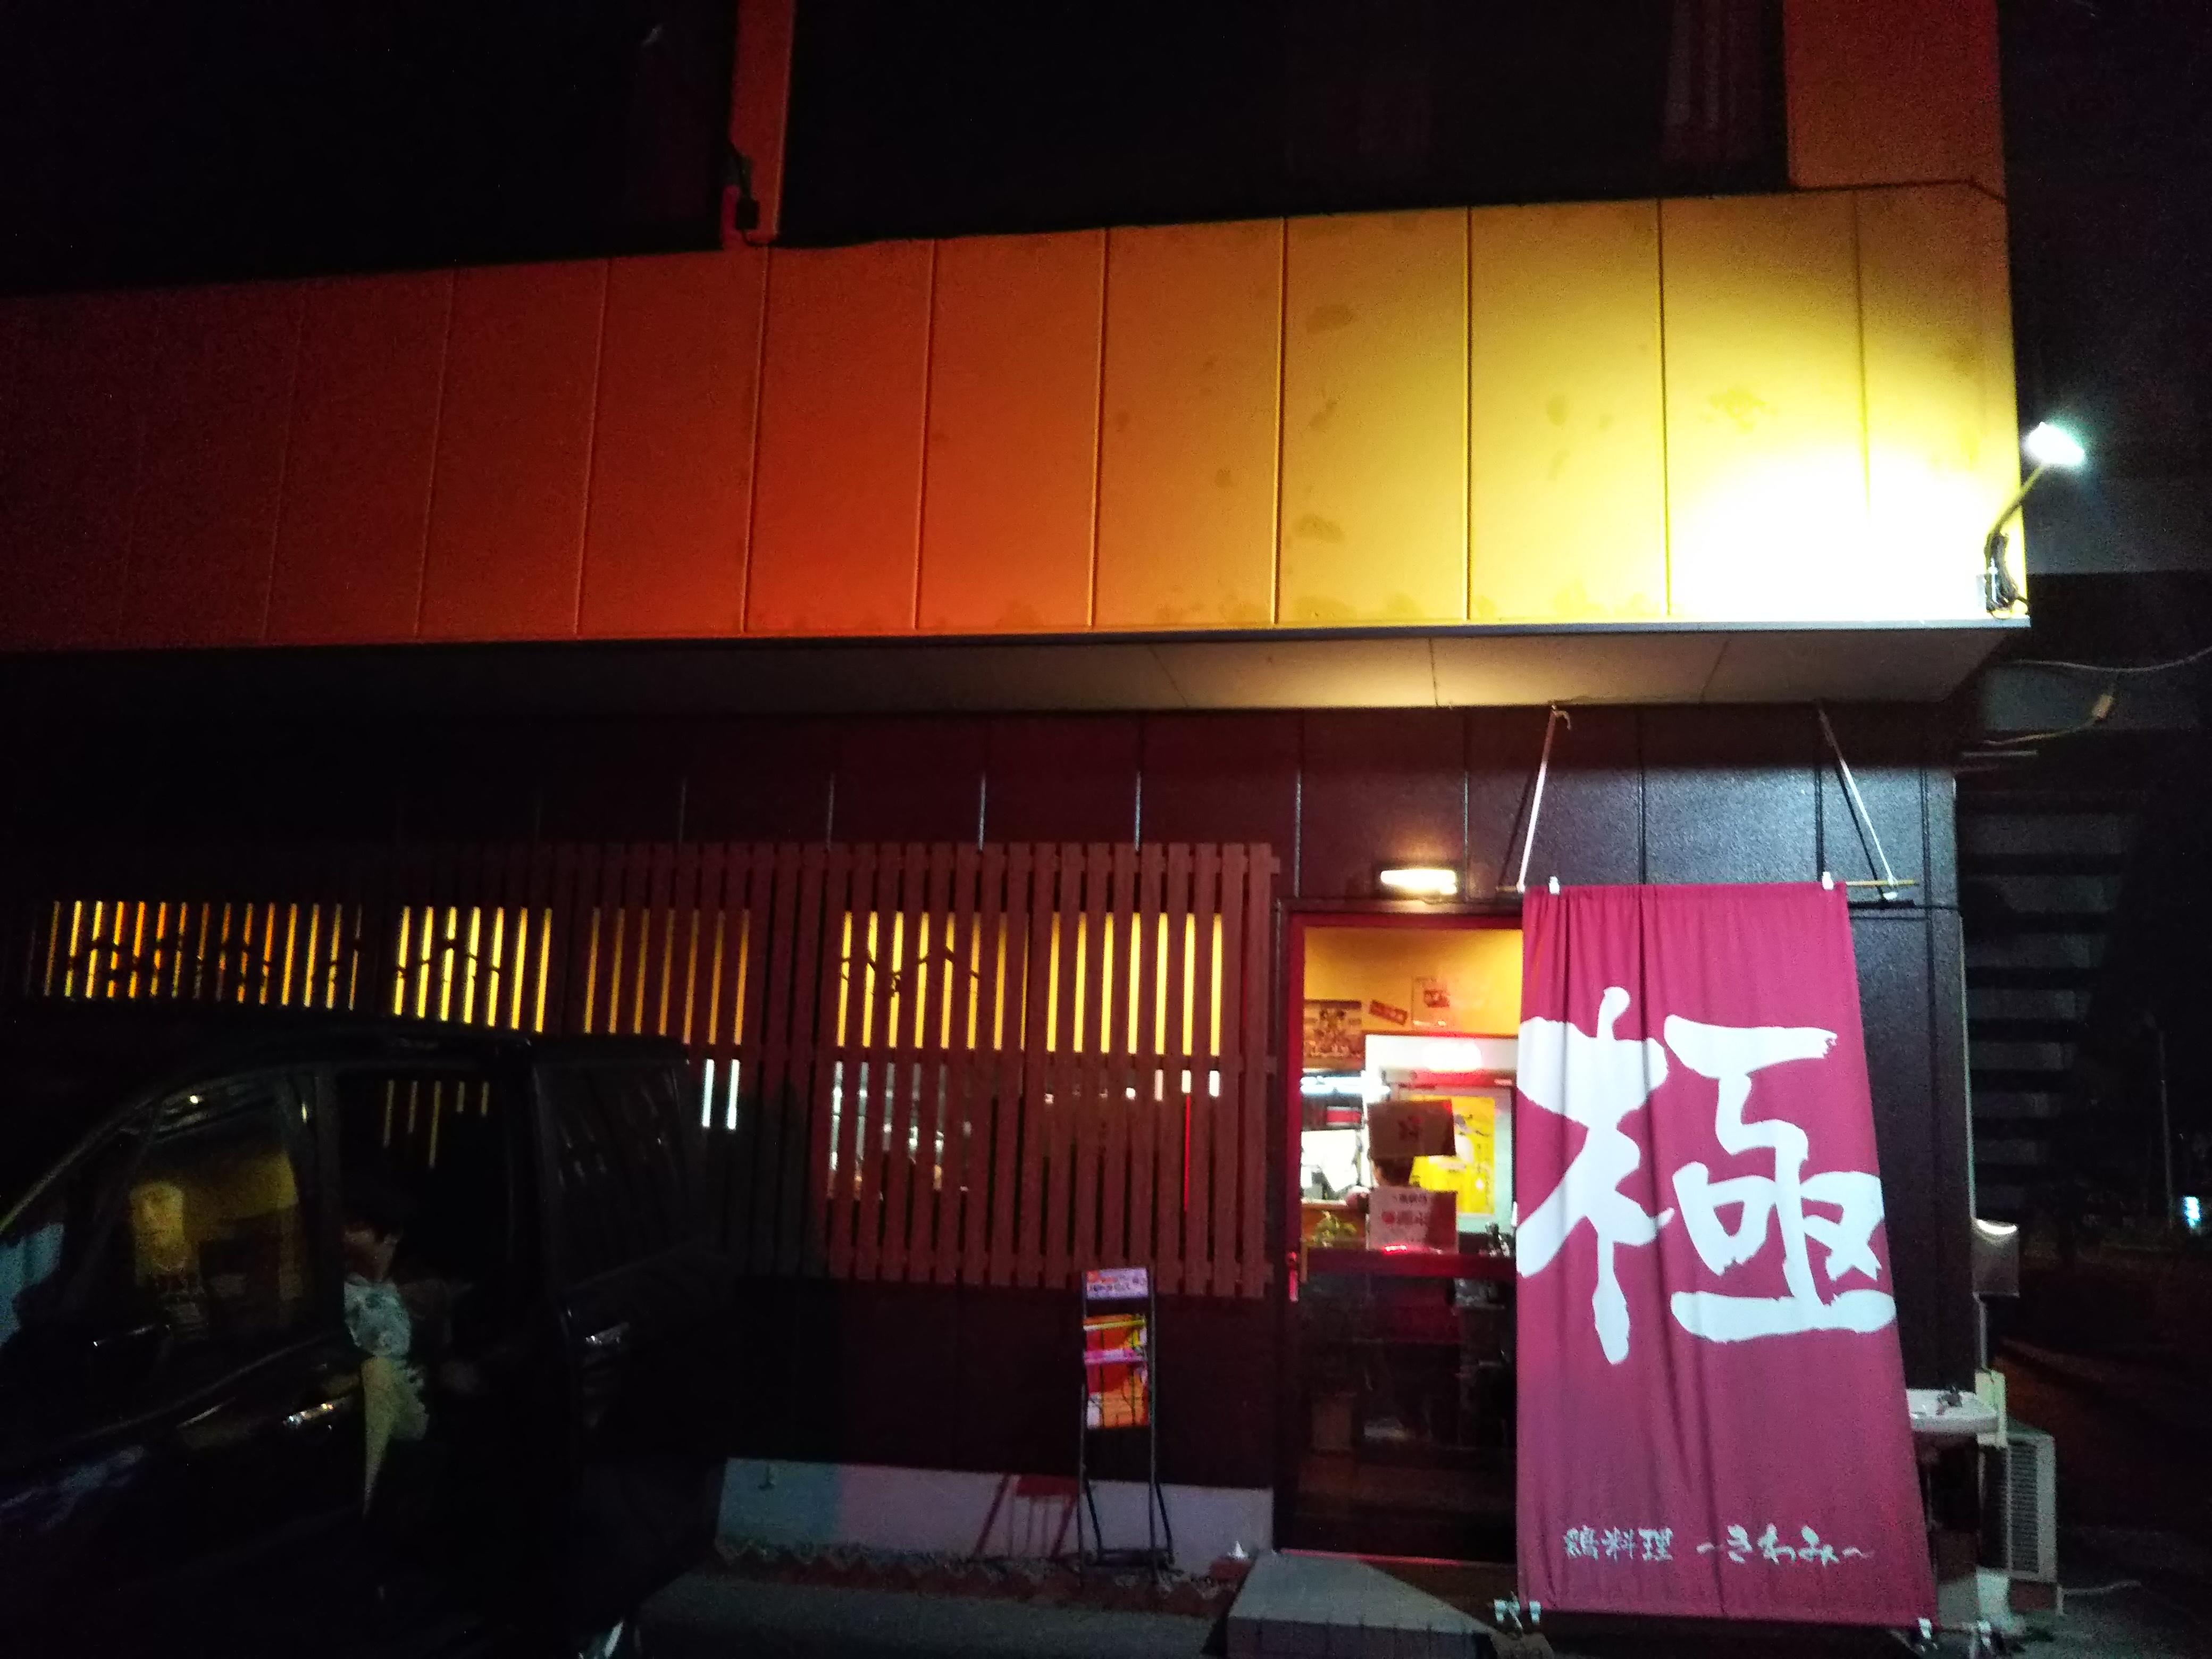 坂出市のおいしくて量も多い鶏料理「極」